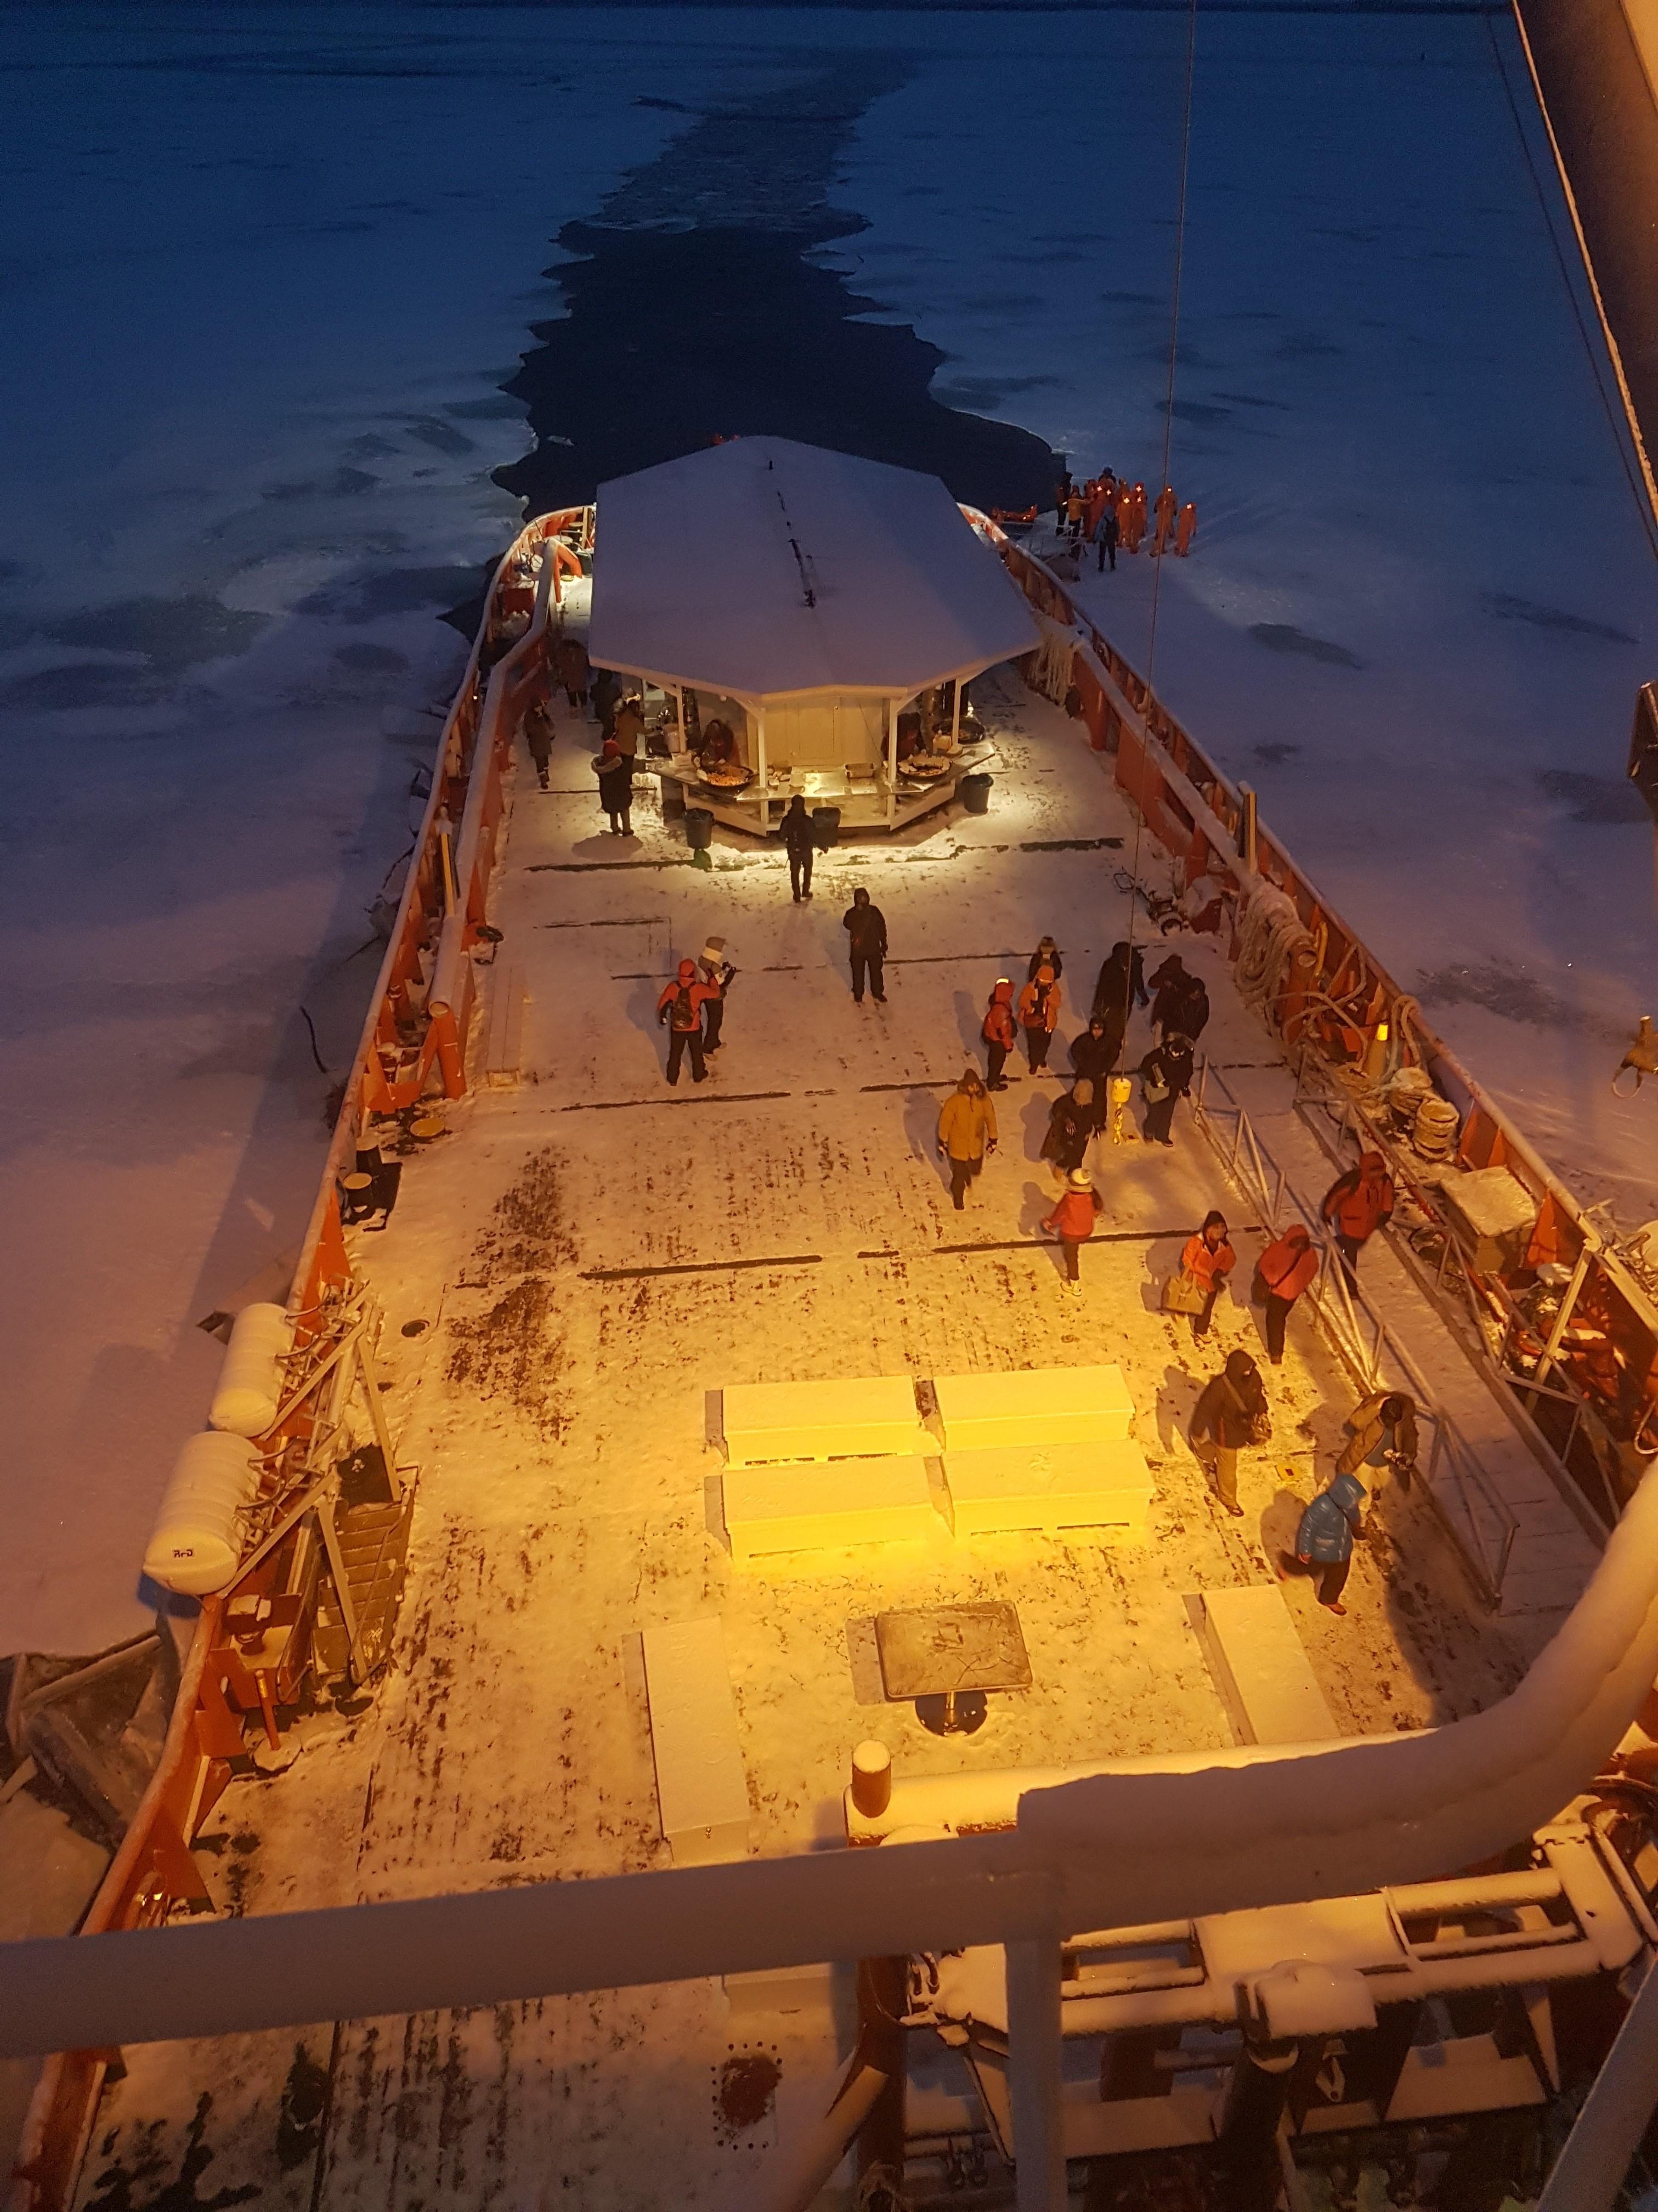 Polar Explorer on duty